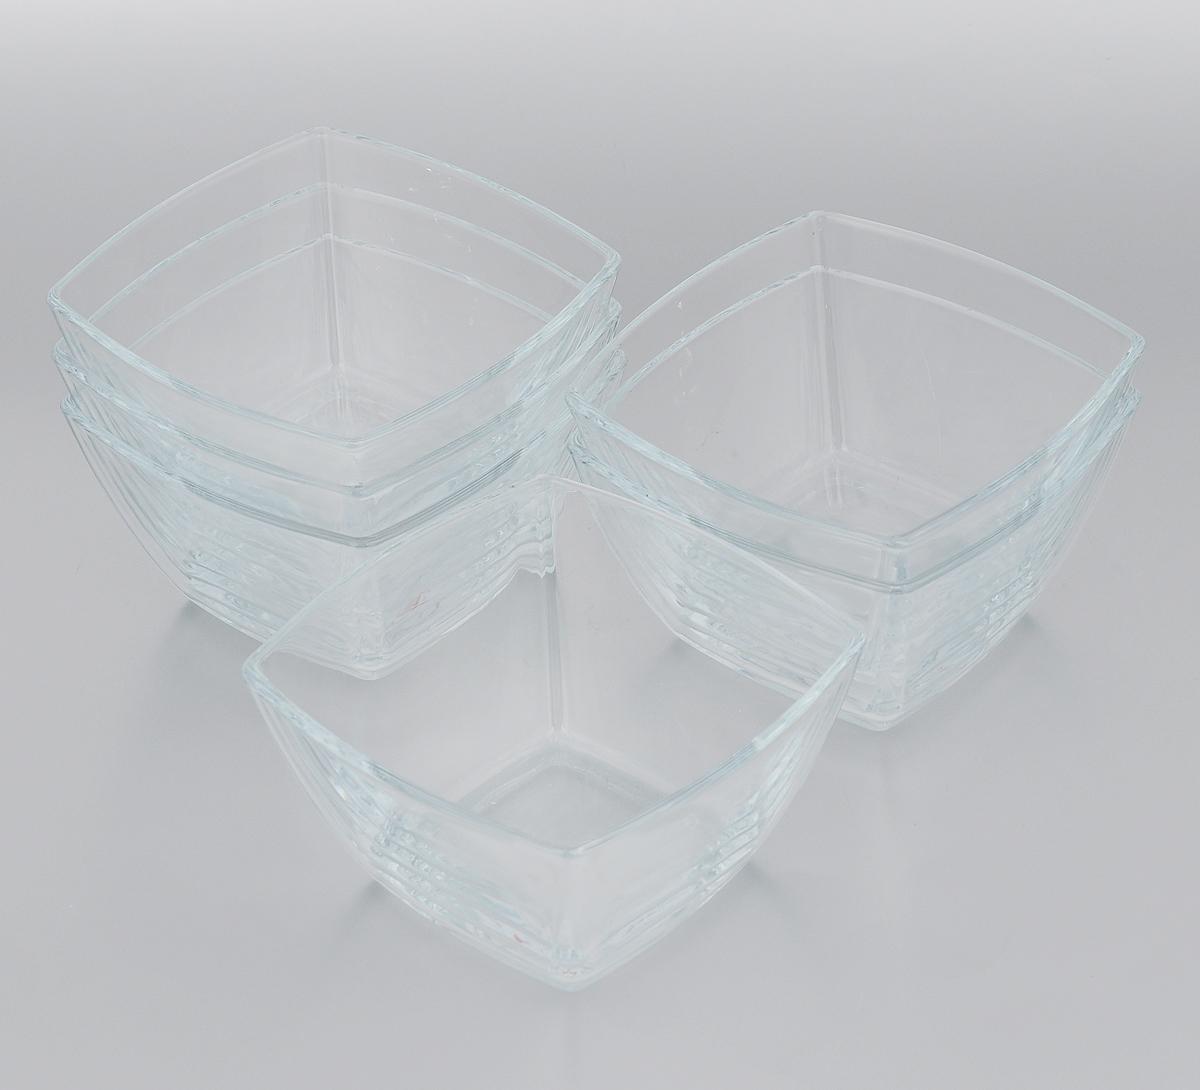 Набор салатников Pasabahce Tokio, 12,5 х 12,5 см, 6 шт53056/Набор Pasabahce Tokio, выполненный из высококачественного натрий-кальций-силикатного стекла, состоит из шести салатников. Такие салатники прекрасно подойдут для сервировки стола и станут достойным оформлением для ваших любимых блюд. Изящный дизайн, высокое качество и функциональность набора Pasabahce Tokio позволят ему стать достойным дополнением к вашему кухонному инвентарю. Можно мыть в посудомоечной машине, использовать в микроволновой печи, холодильнике и морозильной камере. Размер салатника: 12,5 х 12,5 см.